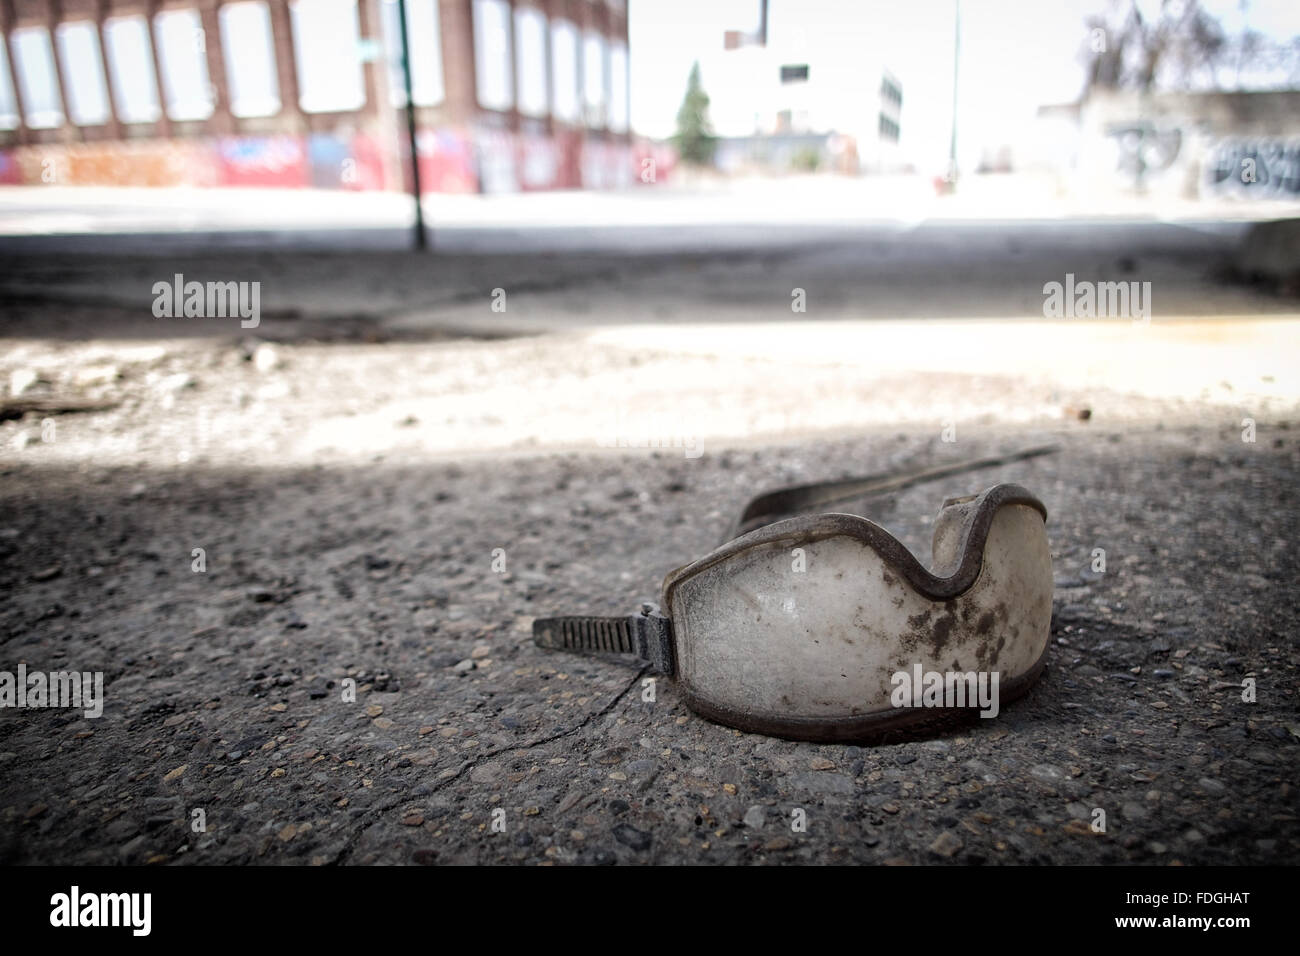 Gafas de seguridad descarta en una calle urbana, en una zona industrial Foto de stock